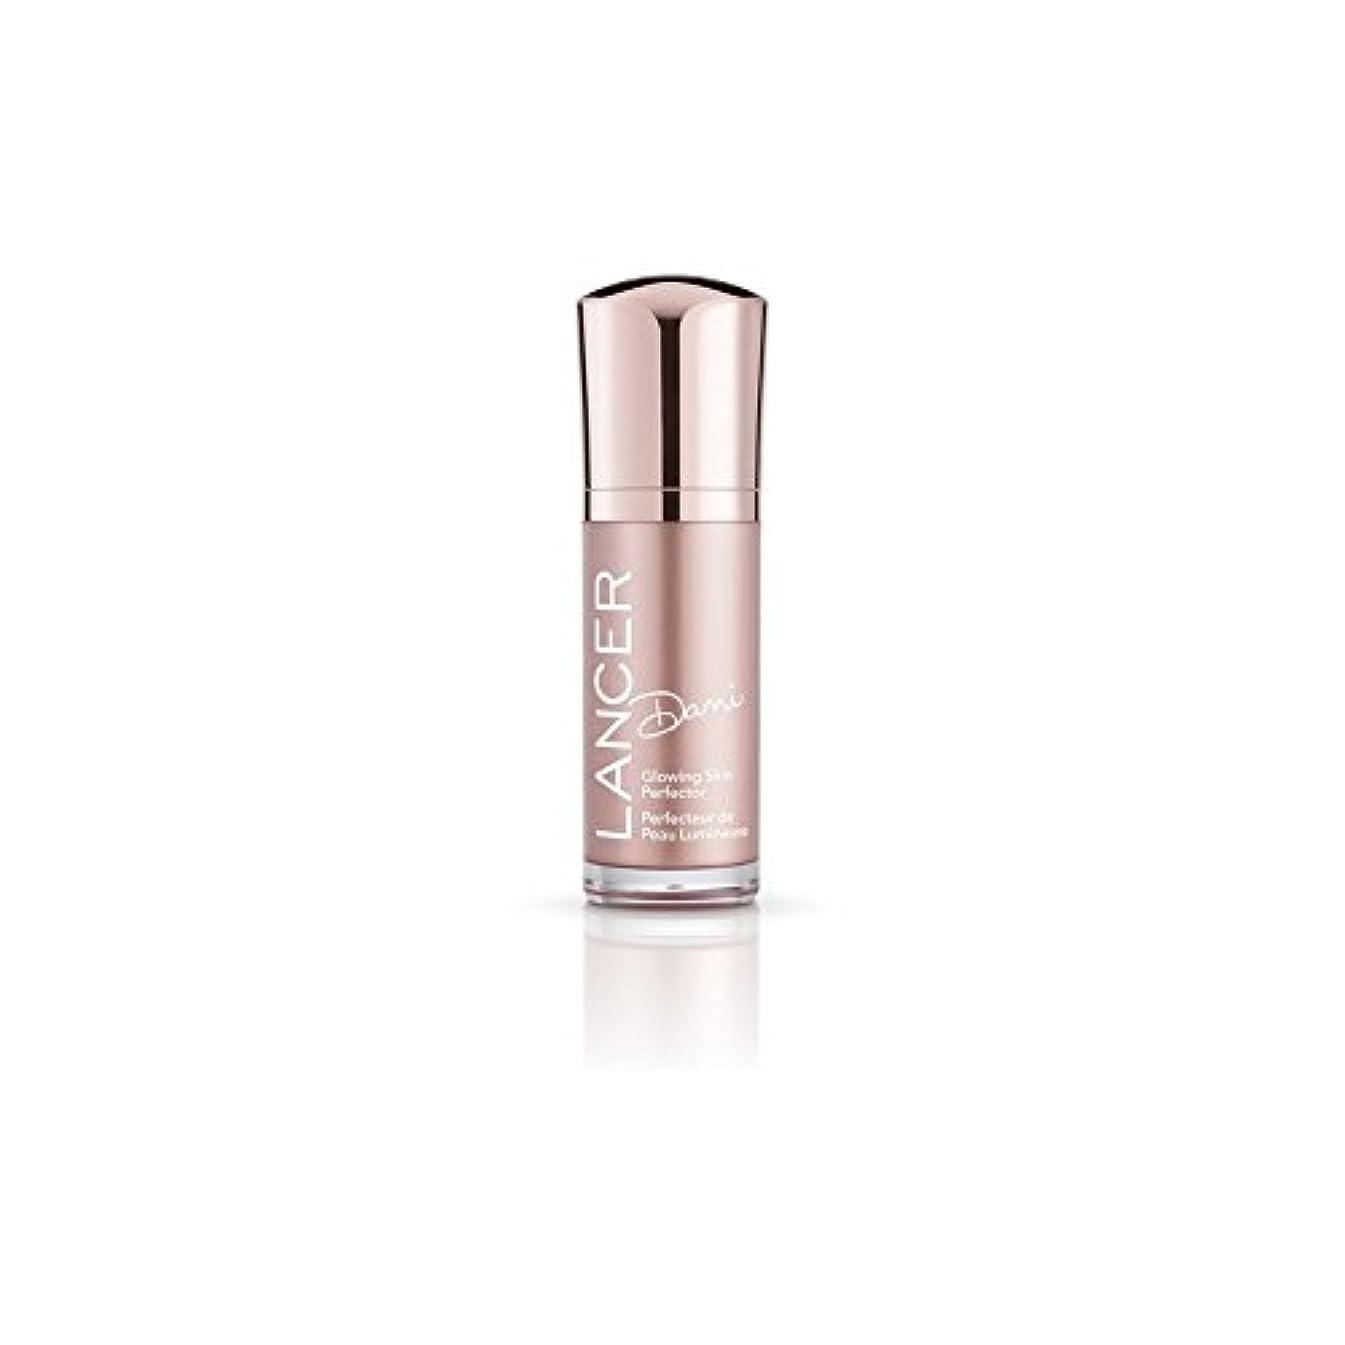 居心地の良いバリケード指紋スキンパーフェク輝くランサースキンケアダニ(30ミリリットル) x4 - Lancer Skincare Dani Glowing Skin Perfector (30ml) (Pack of 4) [並行輸入品]